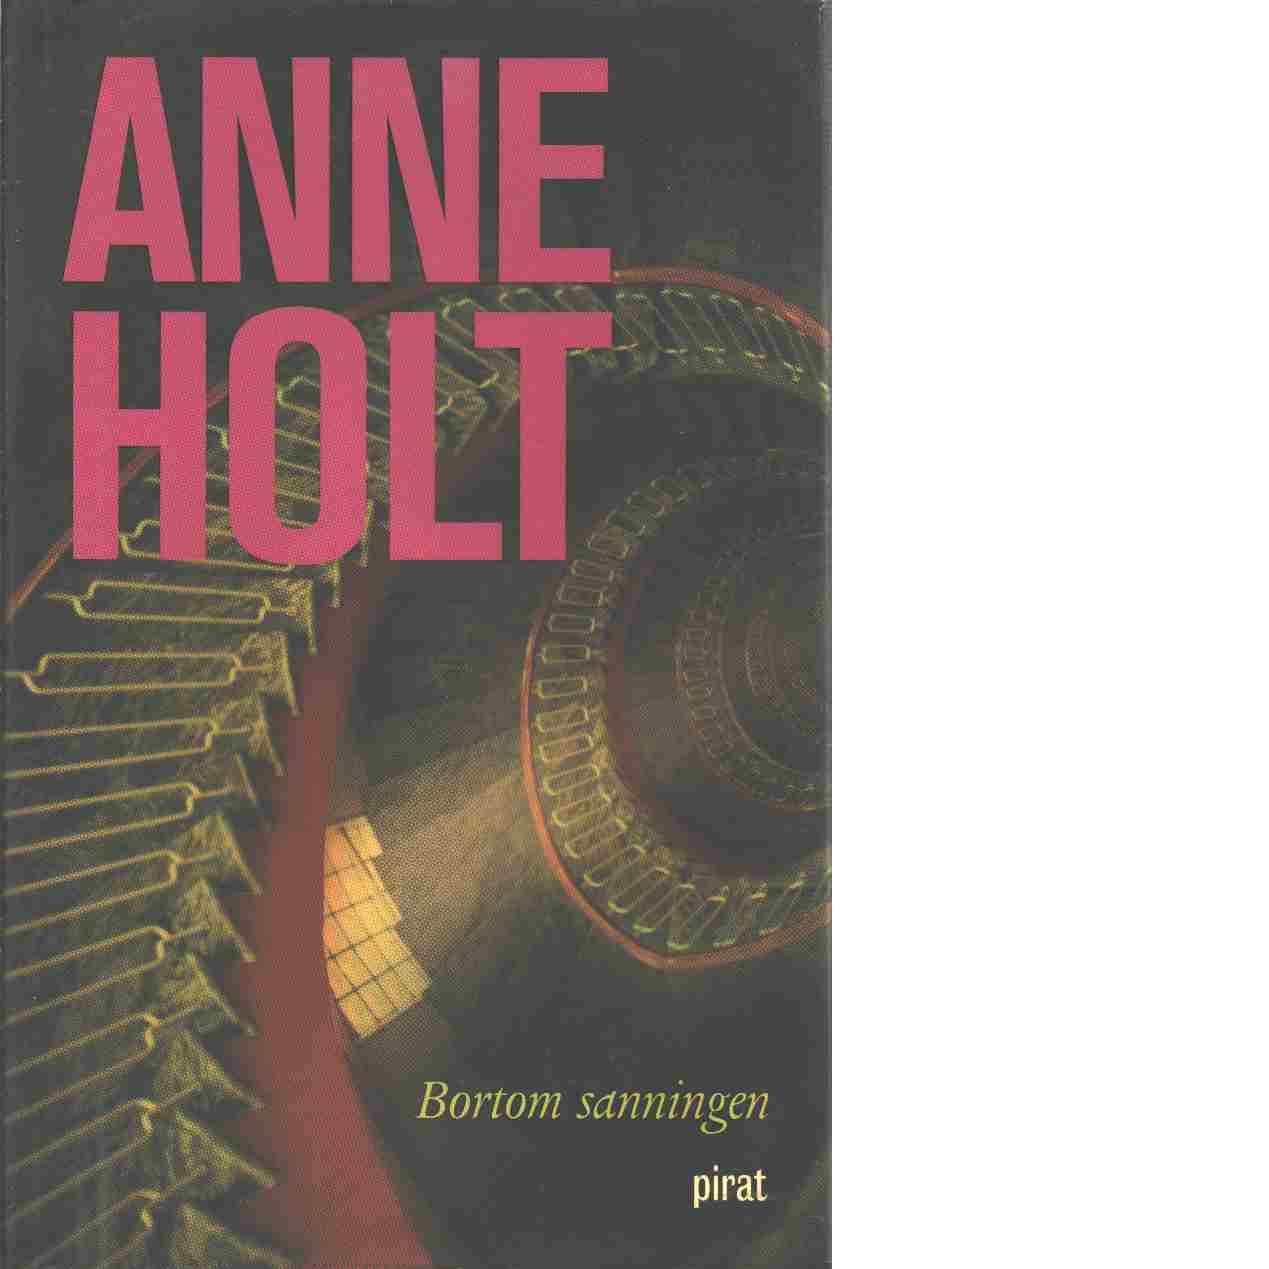 Bortom sanningen - Holt, Anne